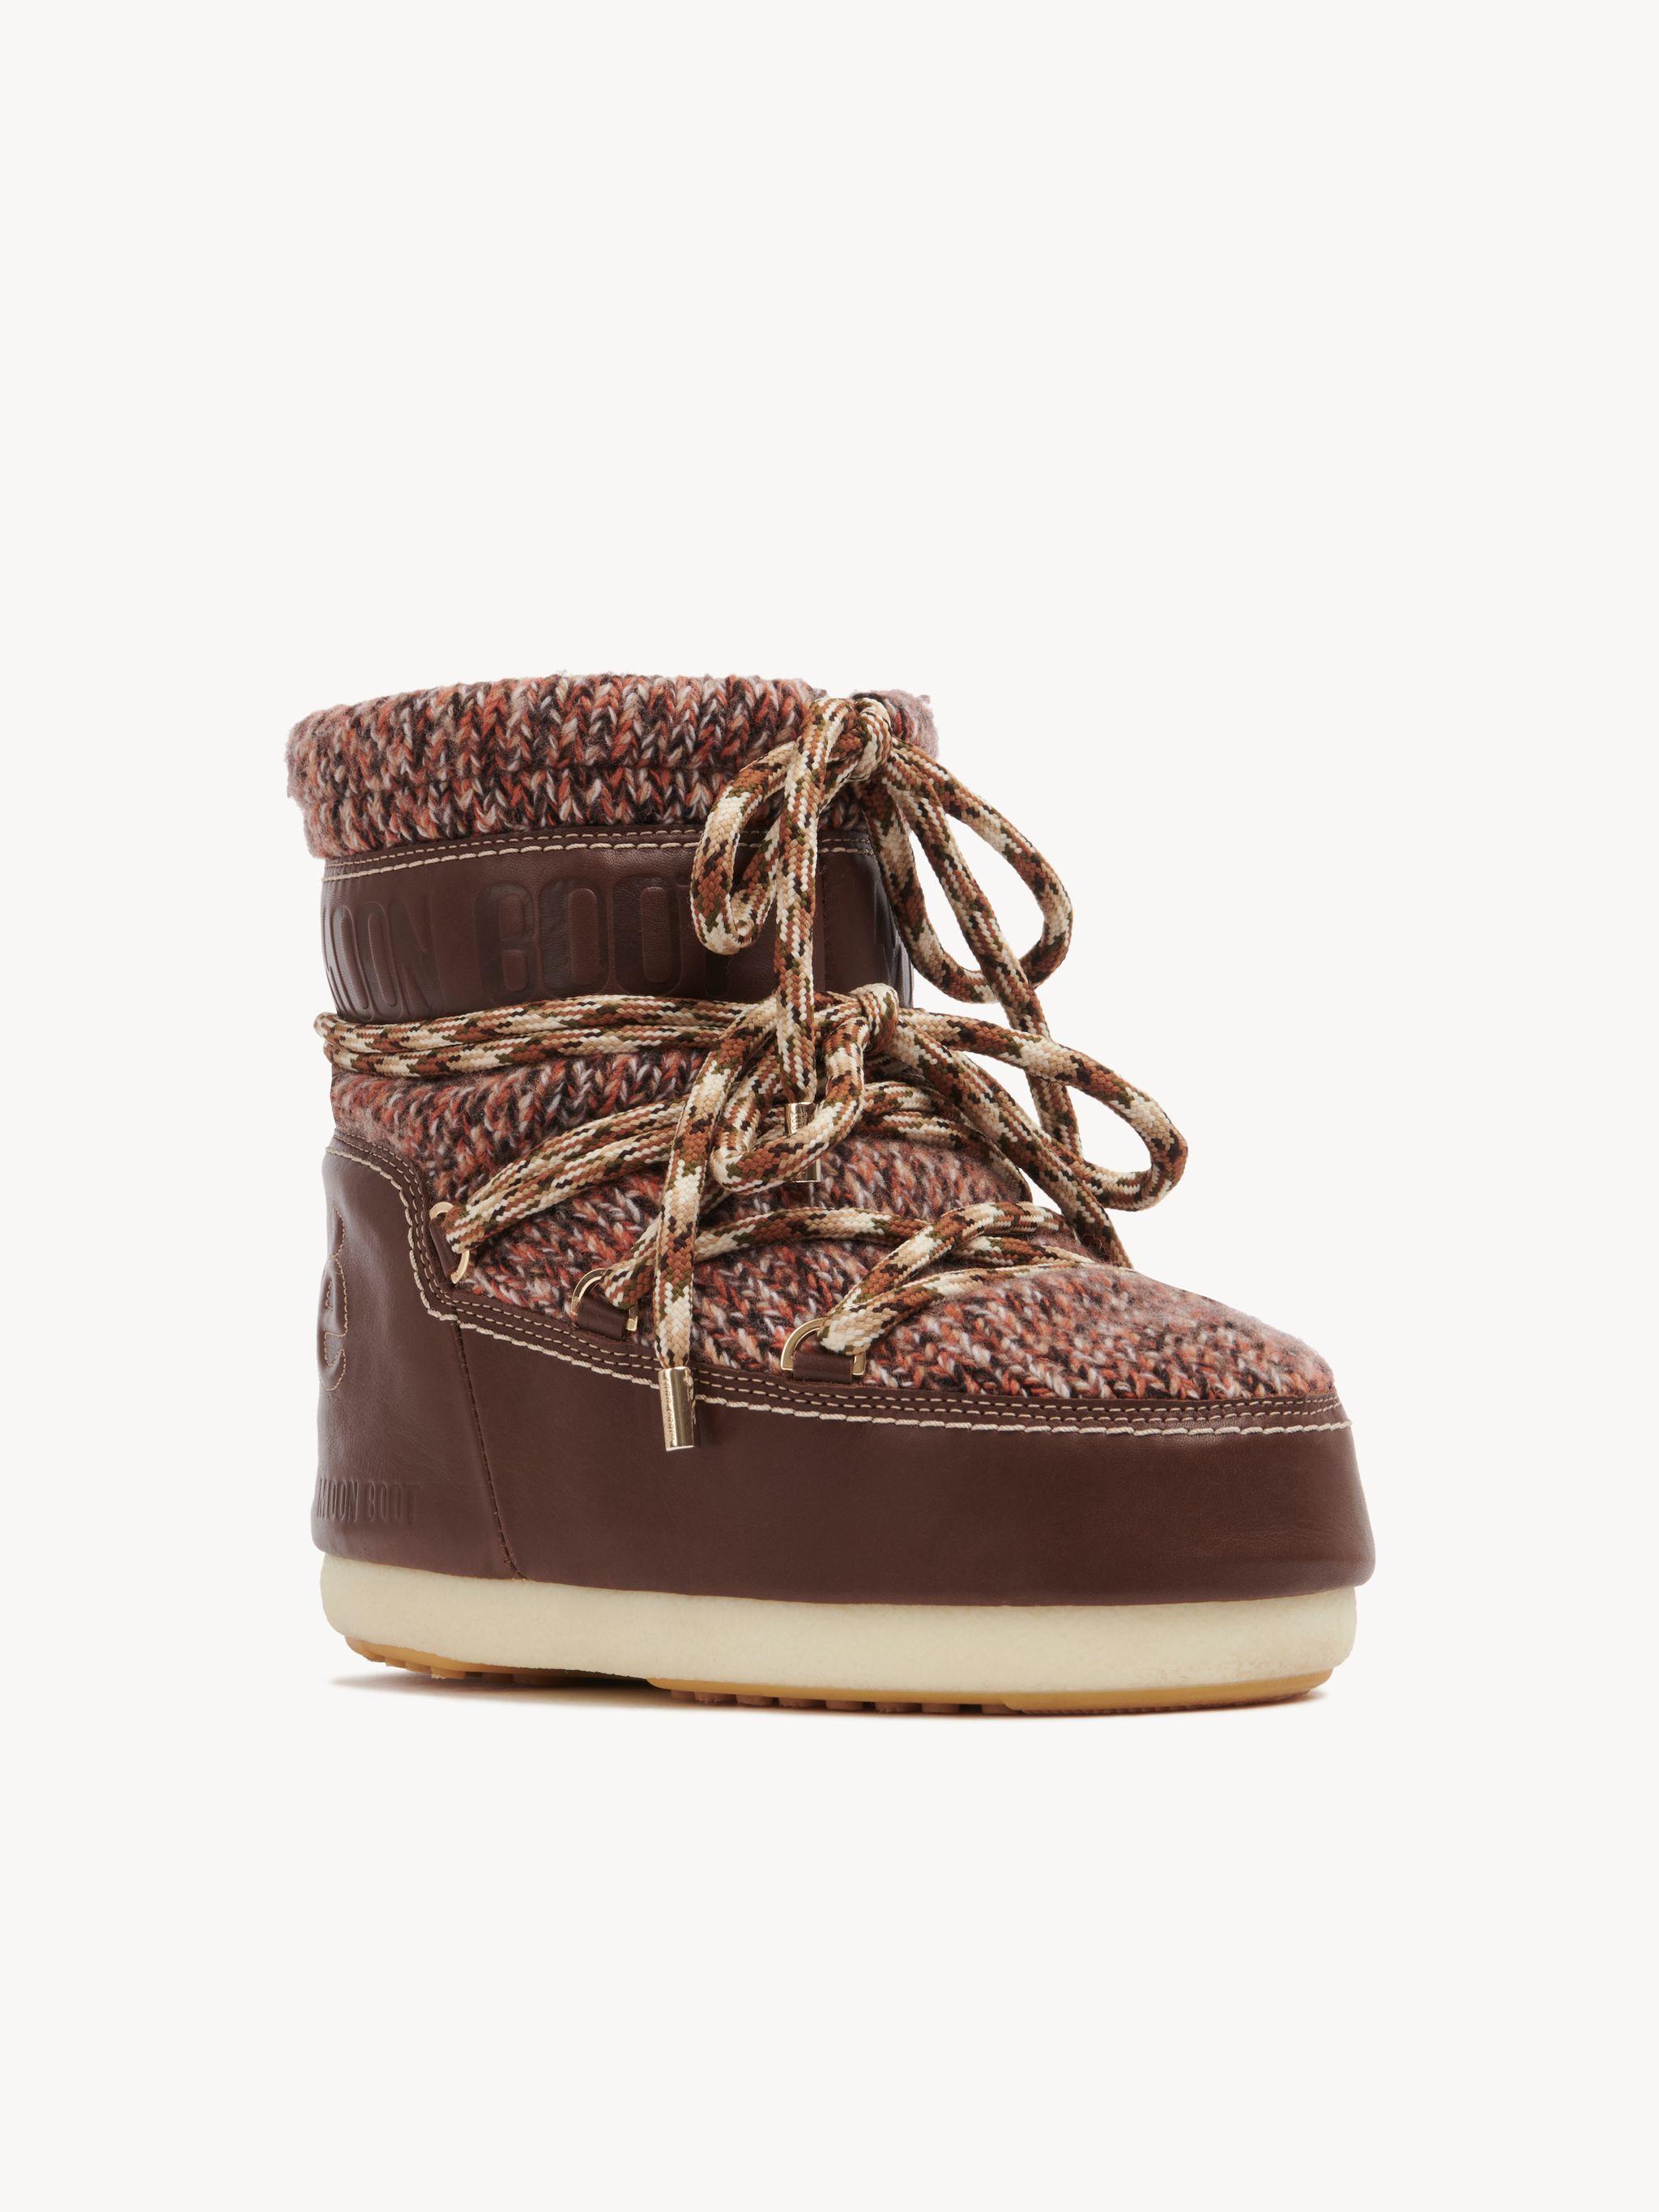 Ботинки Chloé Tan Wool